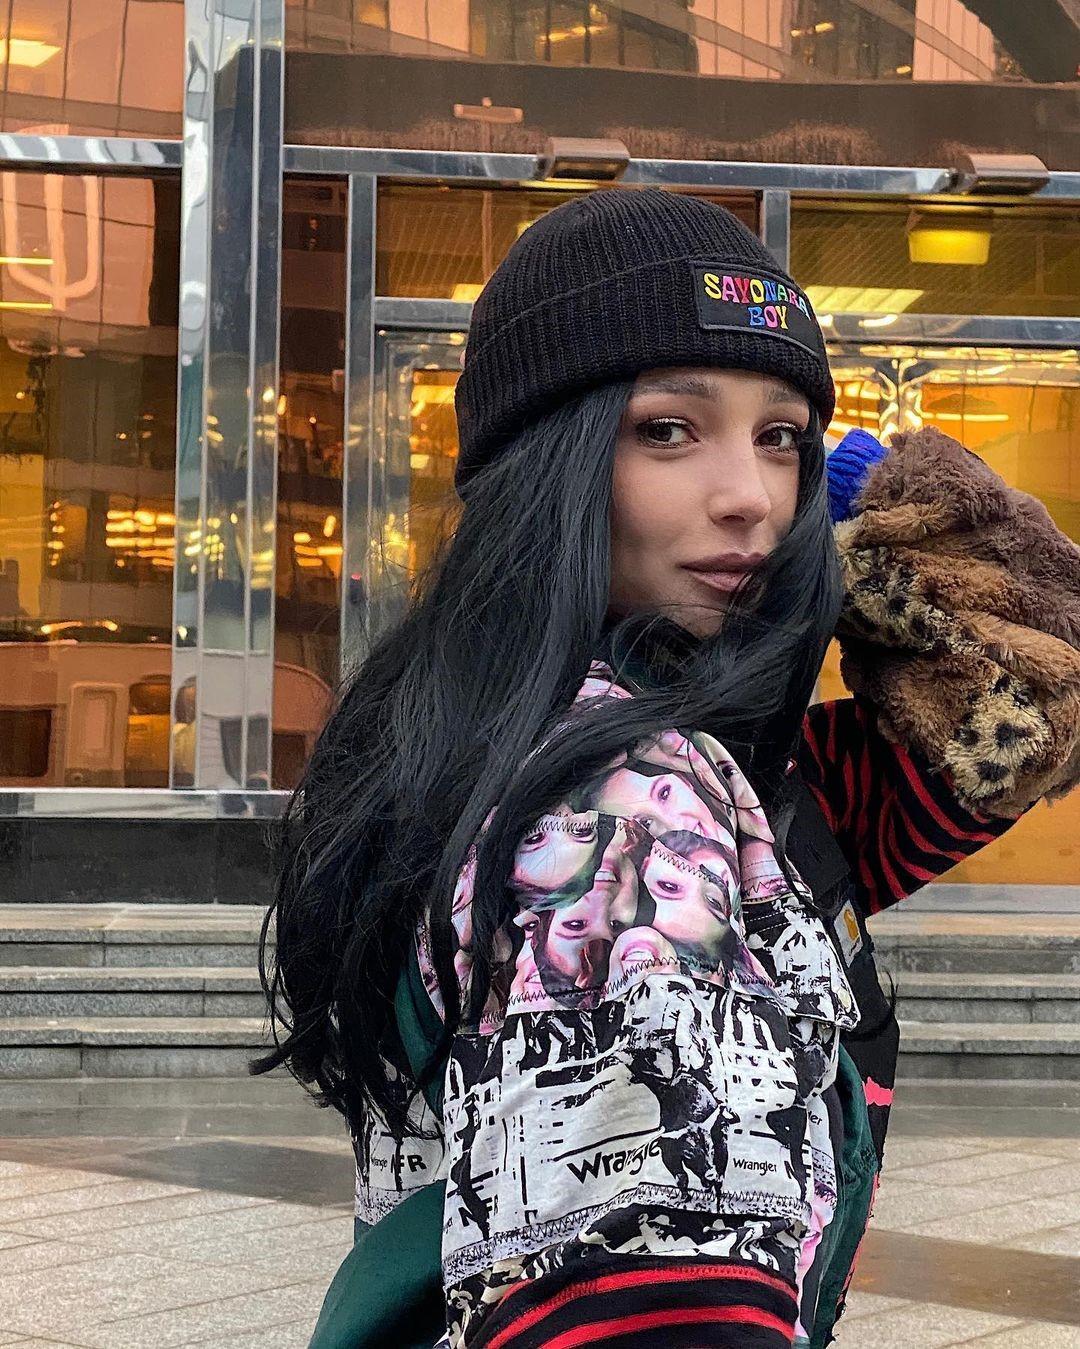 Анастасия Ивлеева стала длинноволосой брюнеткой и взволновала поклонников фразой: «Всё когда-то заканчивается»